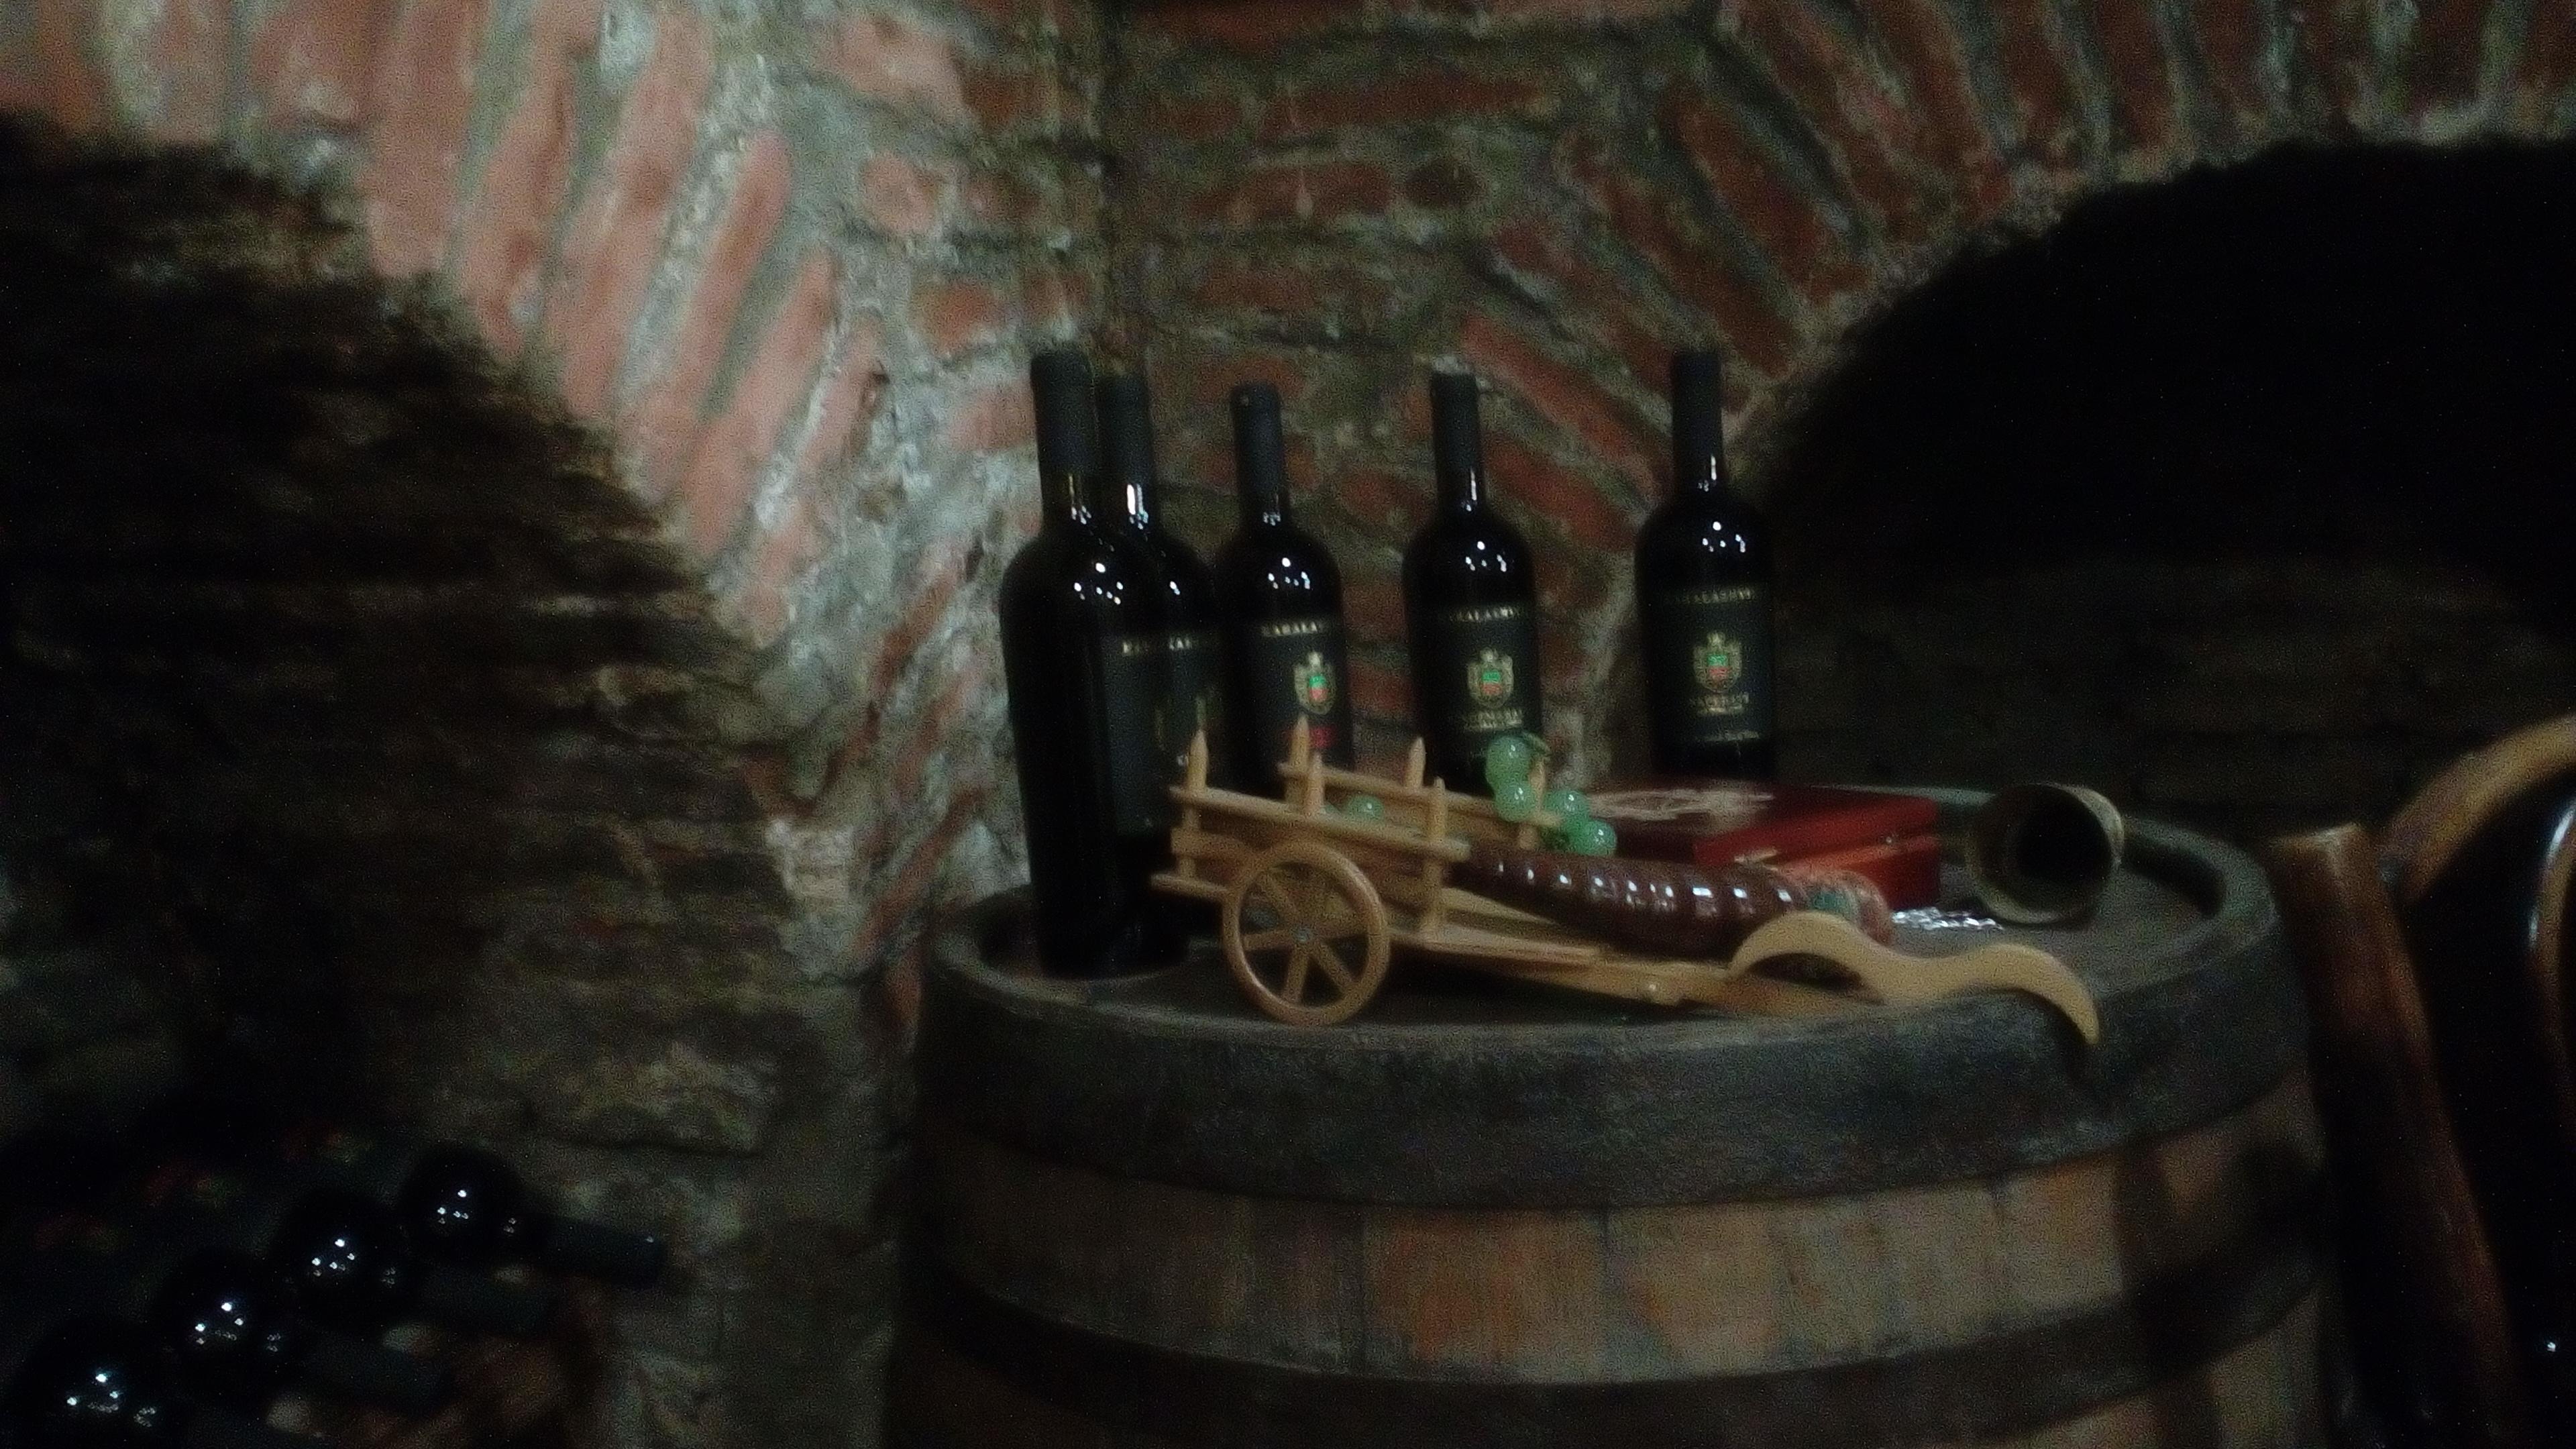 Тбилиси. Дегустация вин.